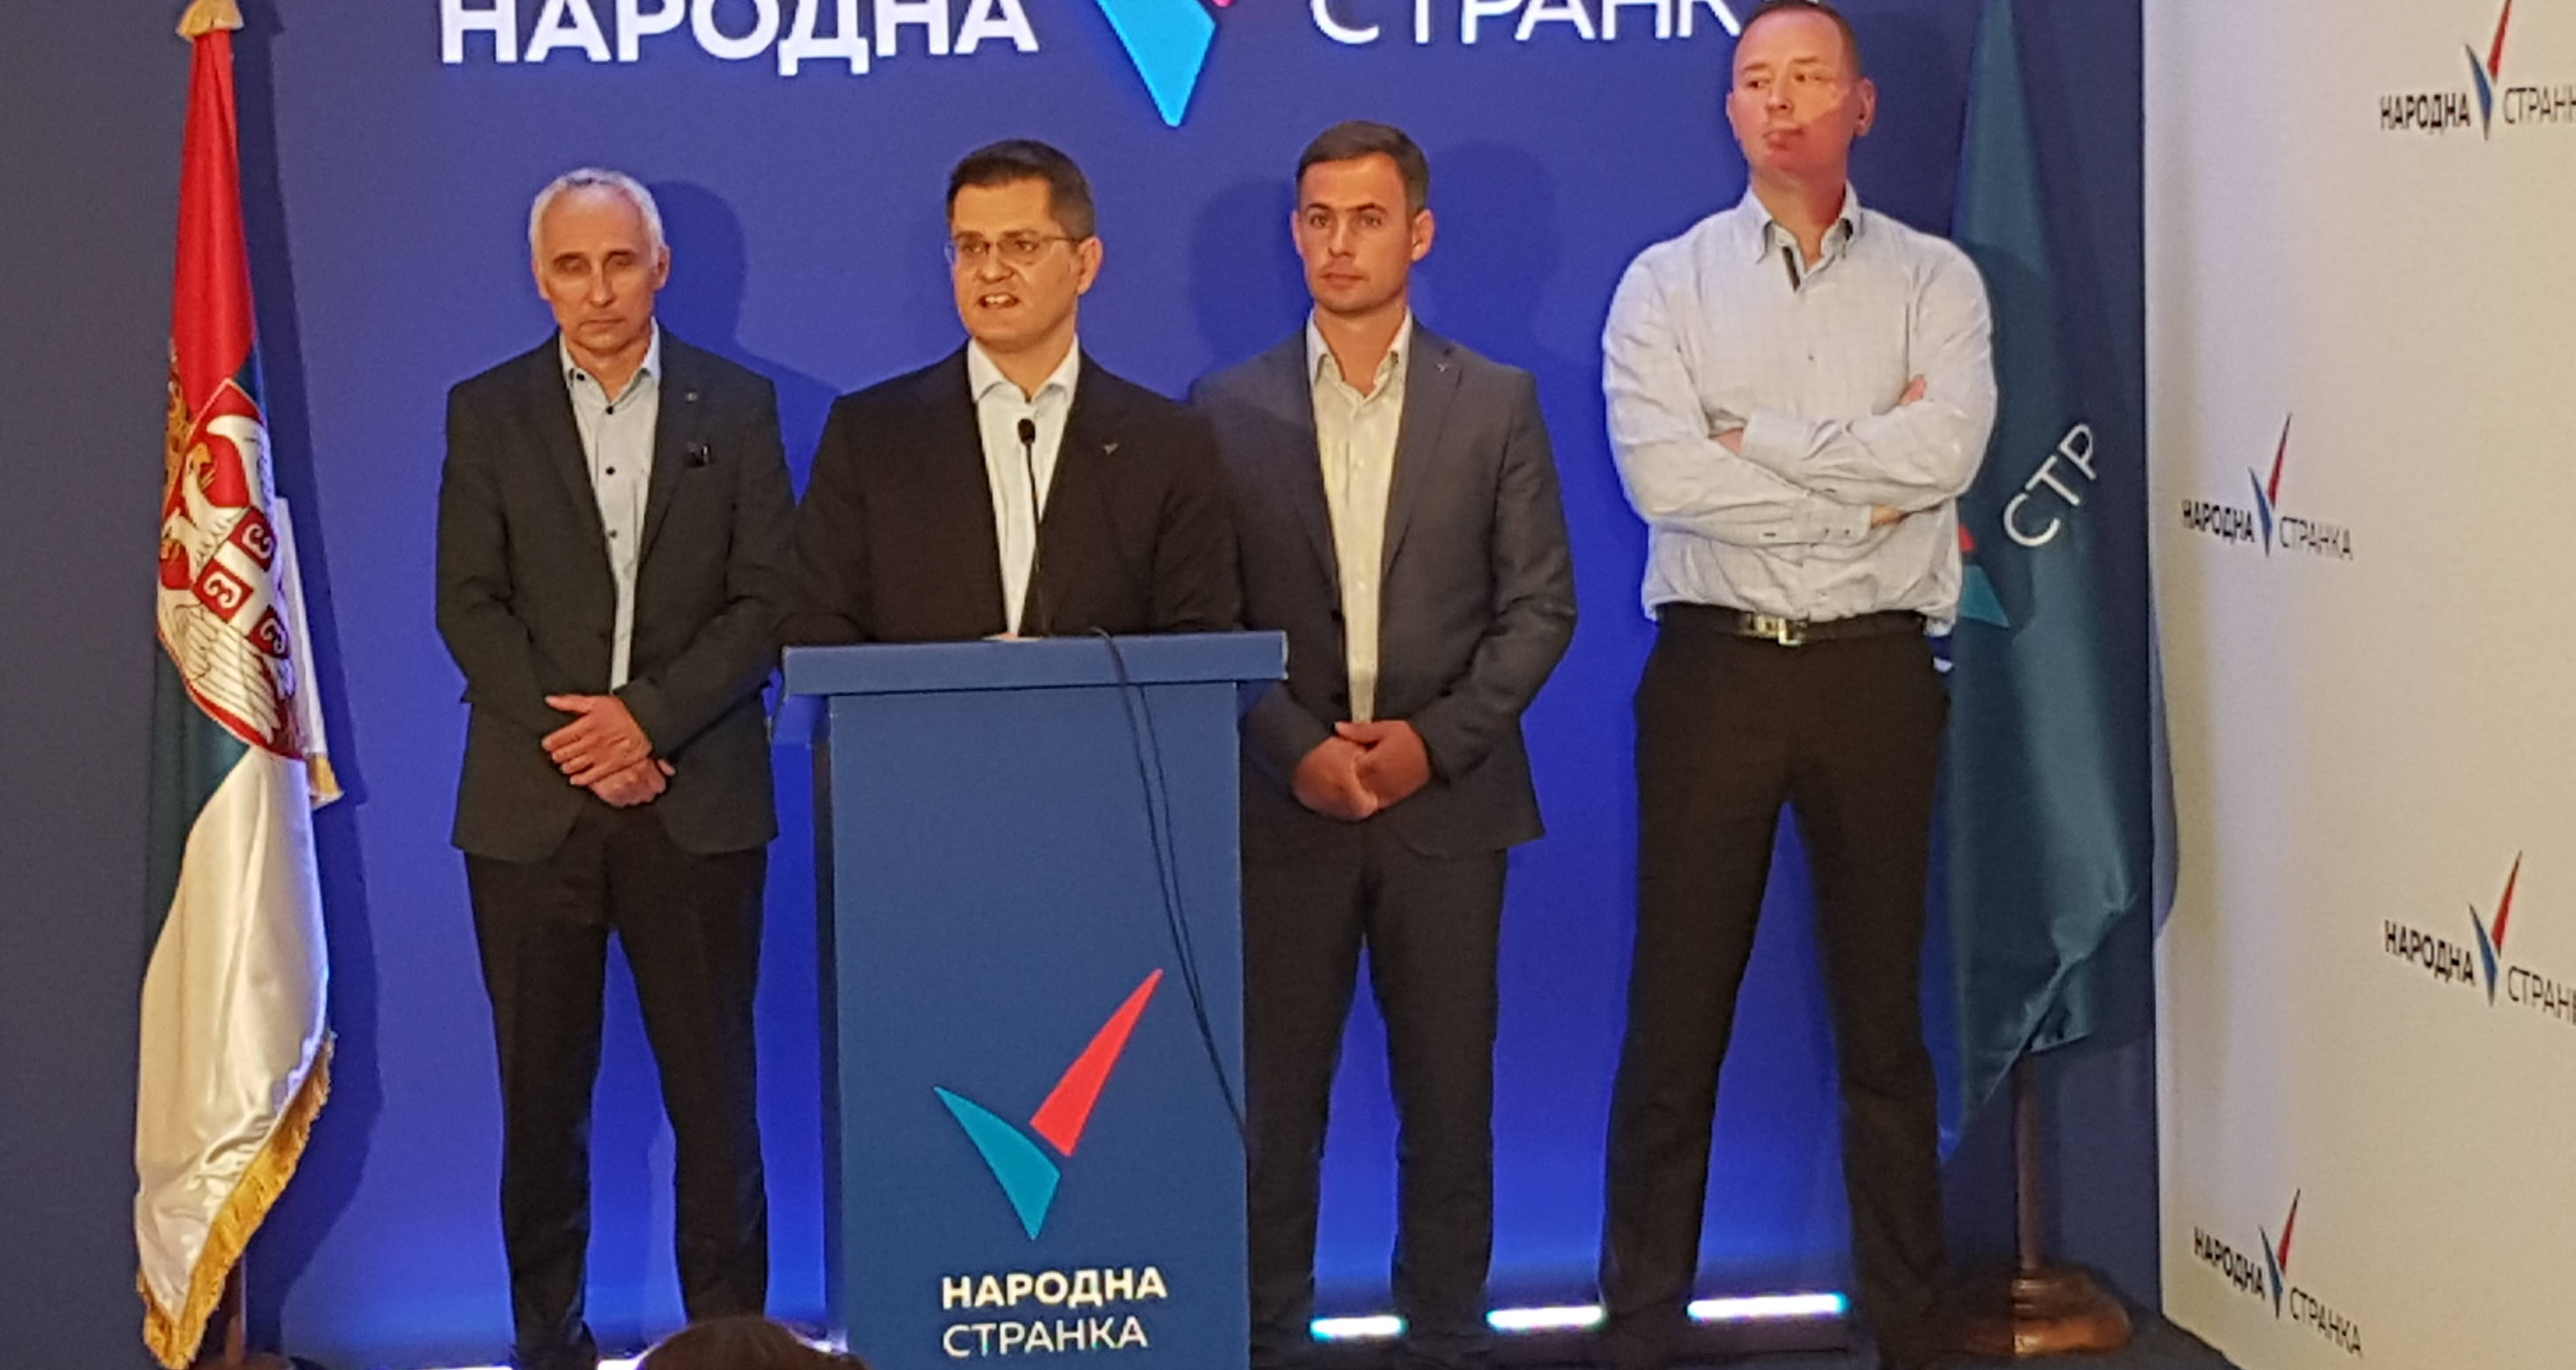 Јеремић: Вучић ме је напао бесмисленим лажима да би прикрио предају Косова и бројне афере Синише Малог